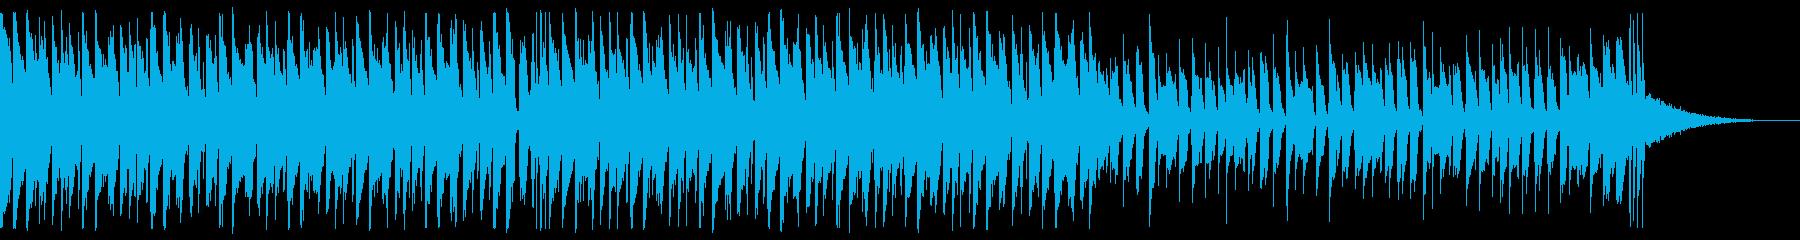 爽やかなEDM_5の再生済みの波形